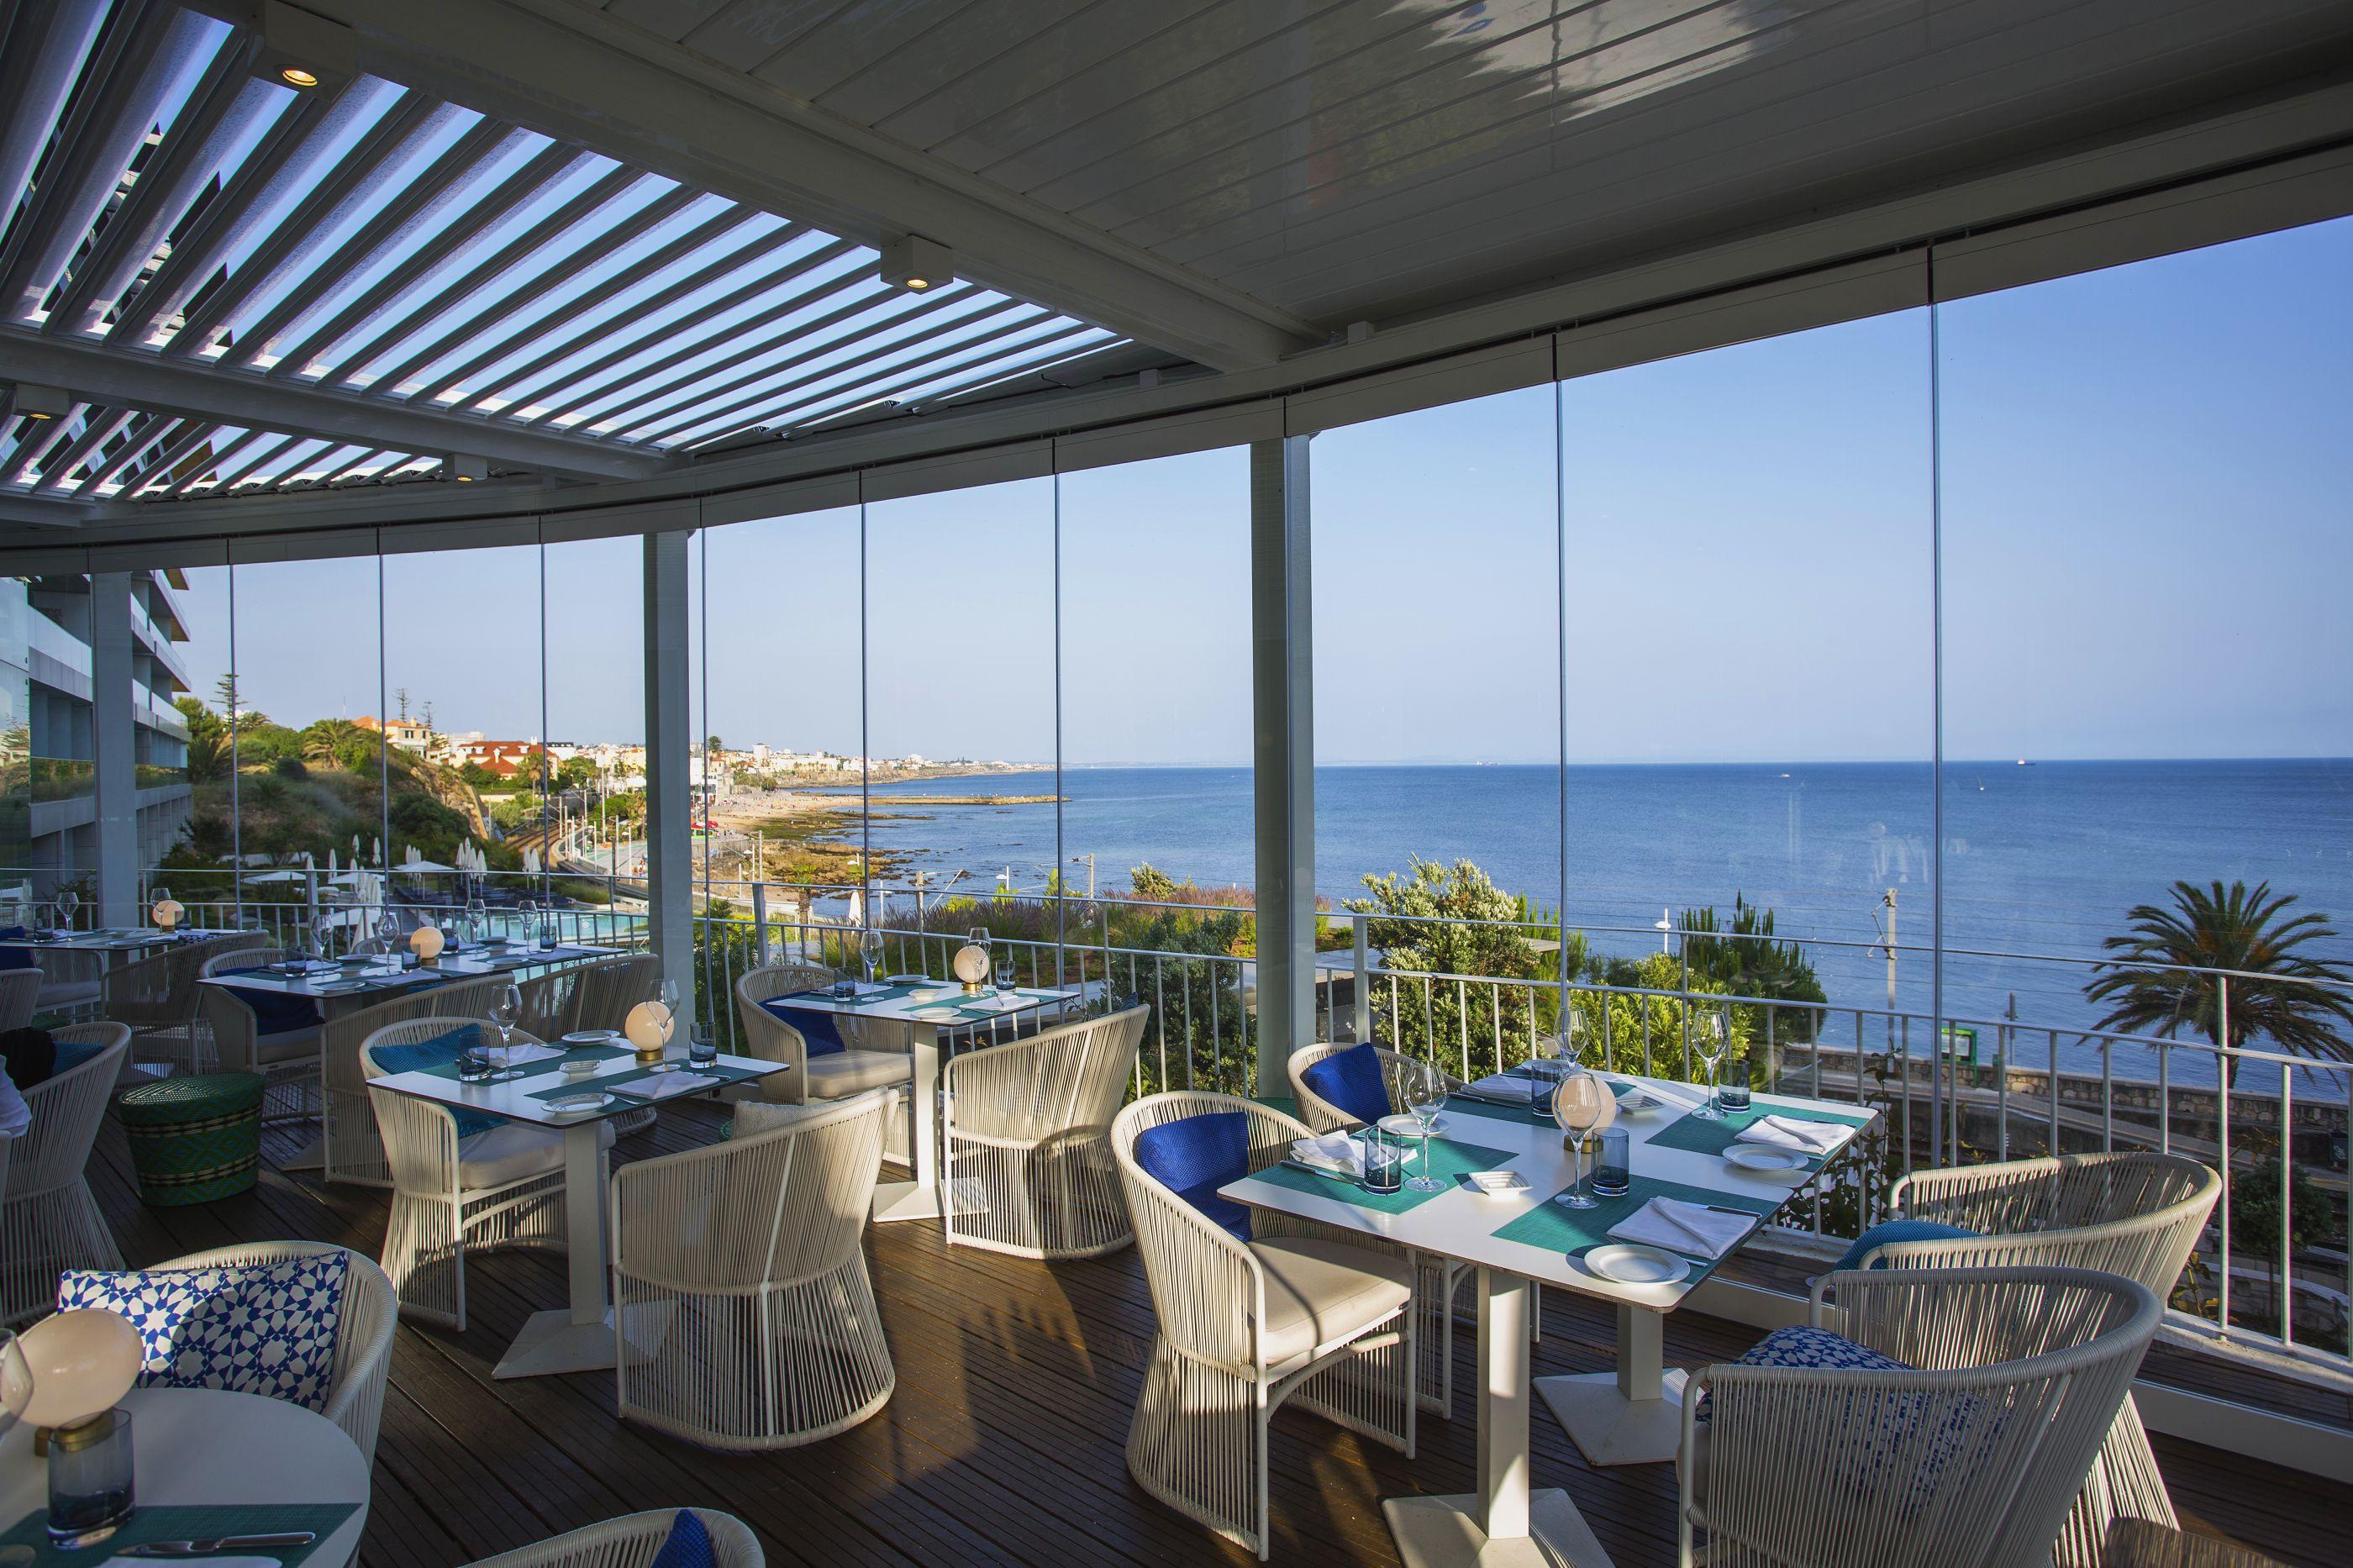 Bossa Sunday, ritmo e sabor no Miguel Laffan at Atlântico Bar&Restaurante